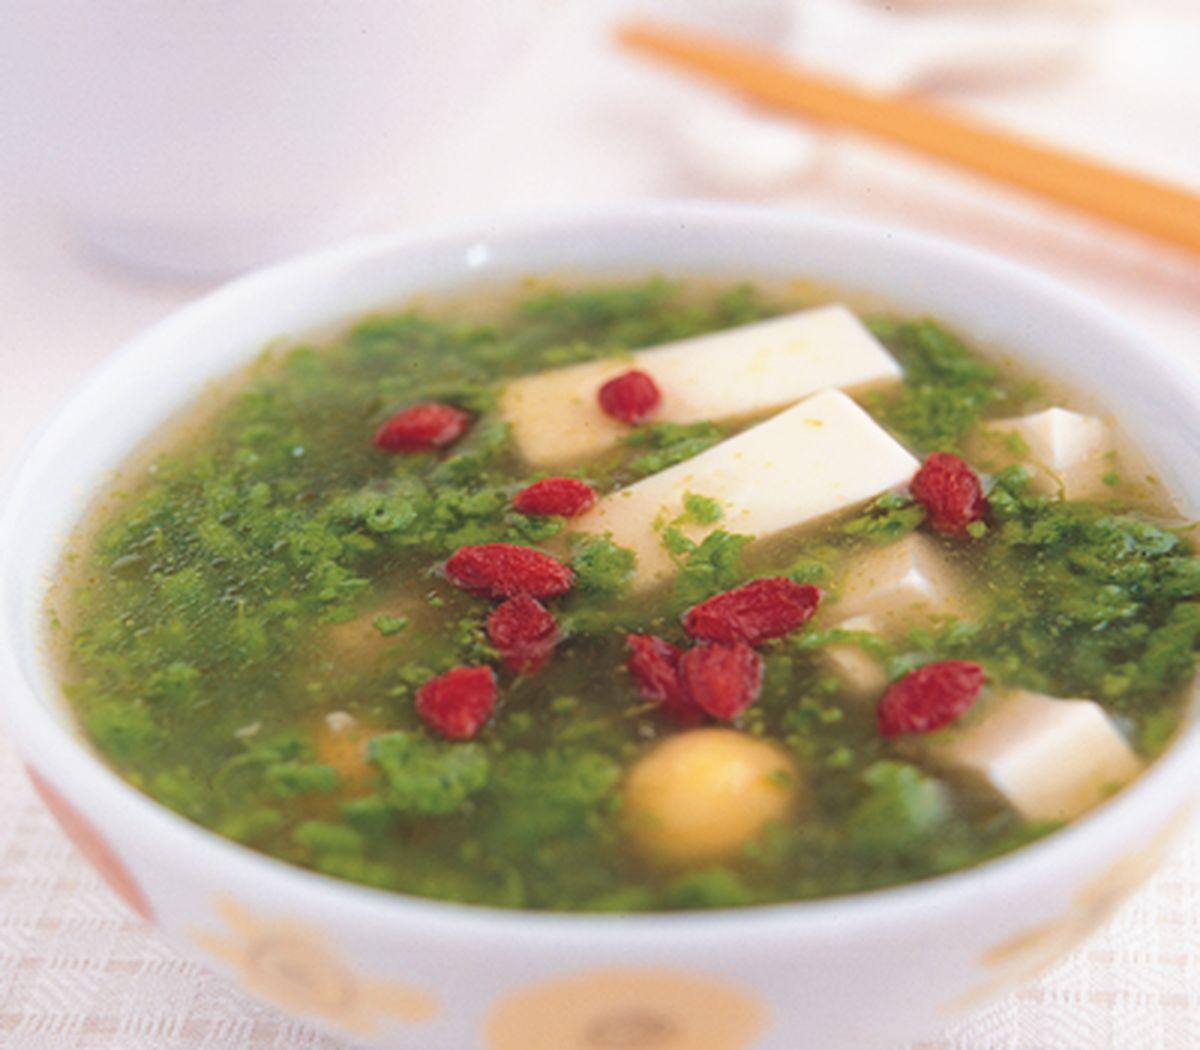 食譜:翡翠豆腐羹